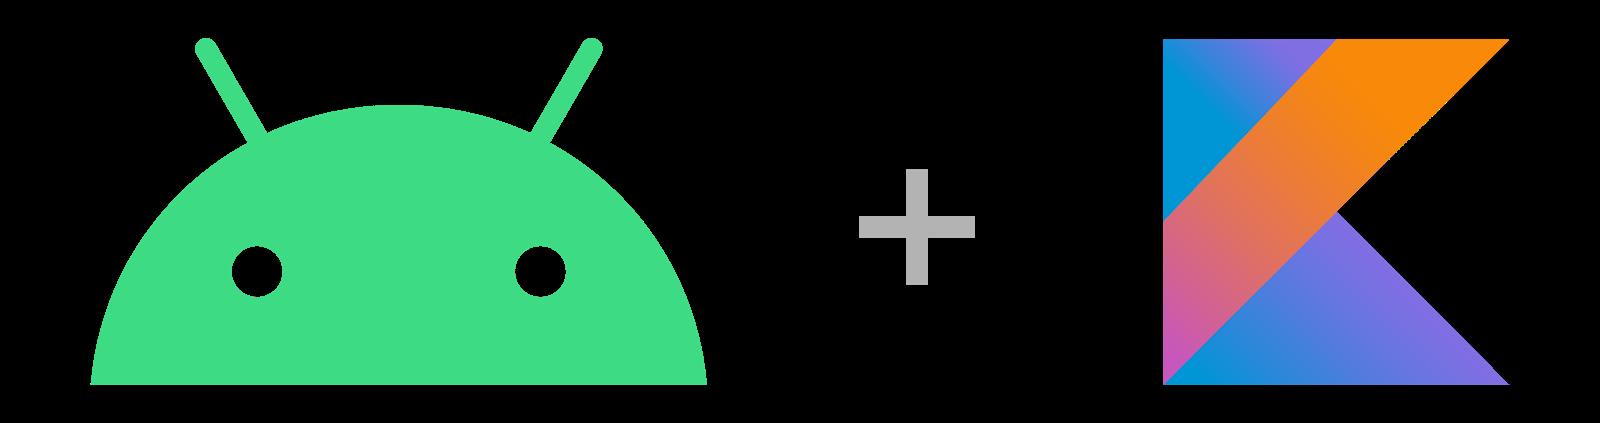 Logotipos de Android y Kotlin